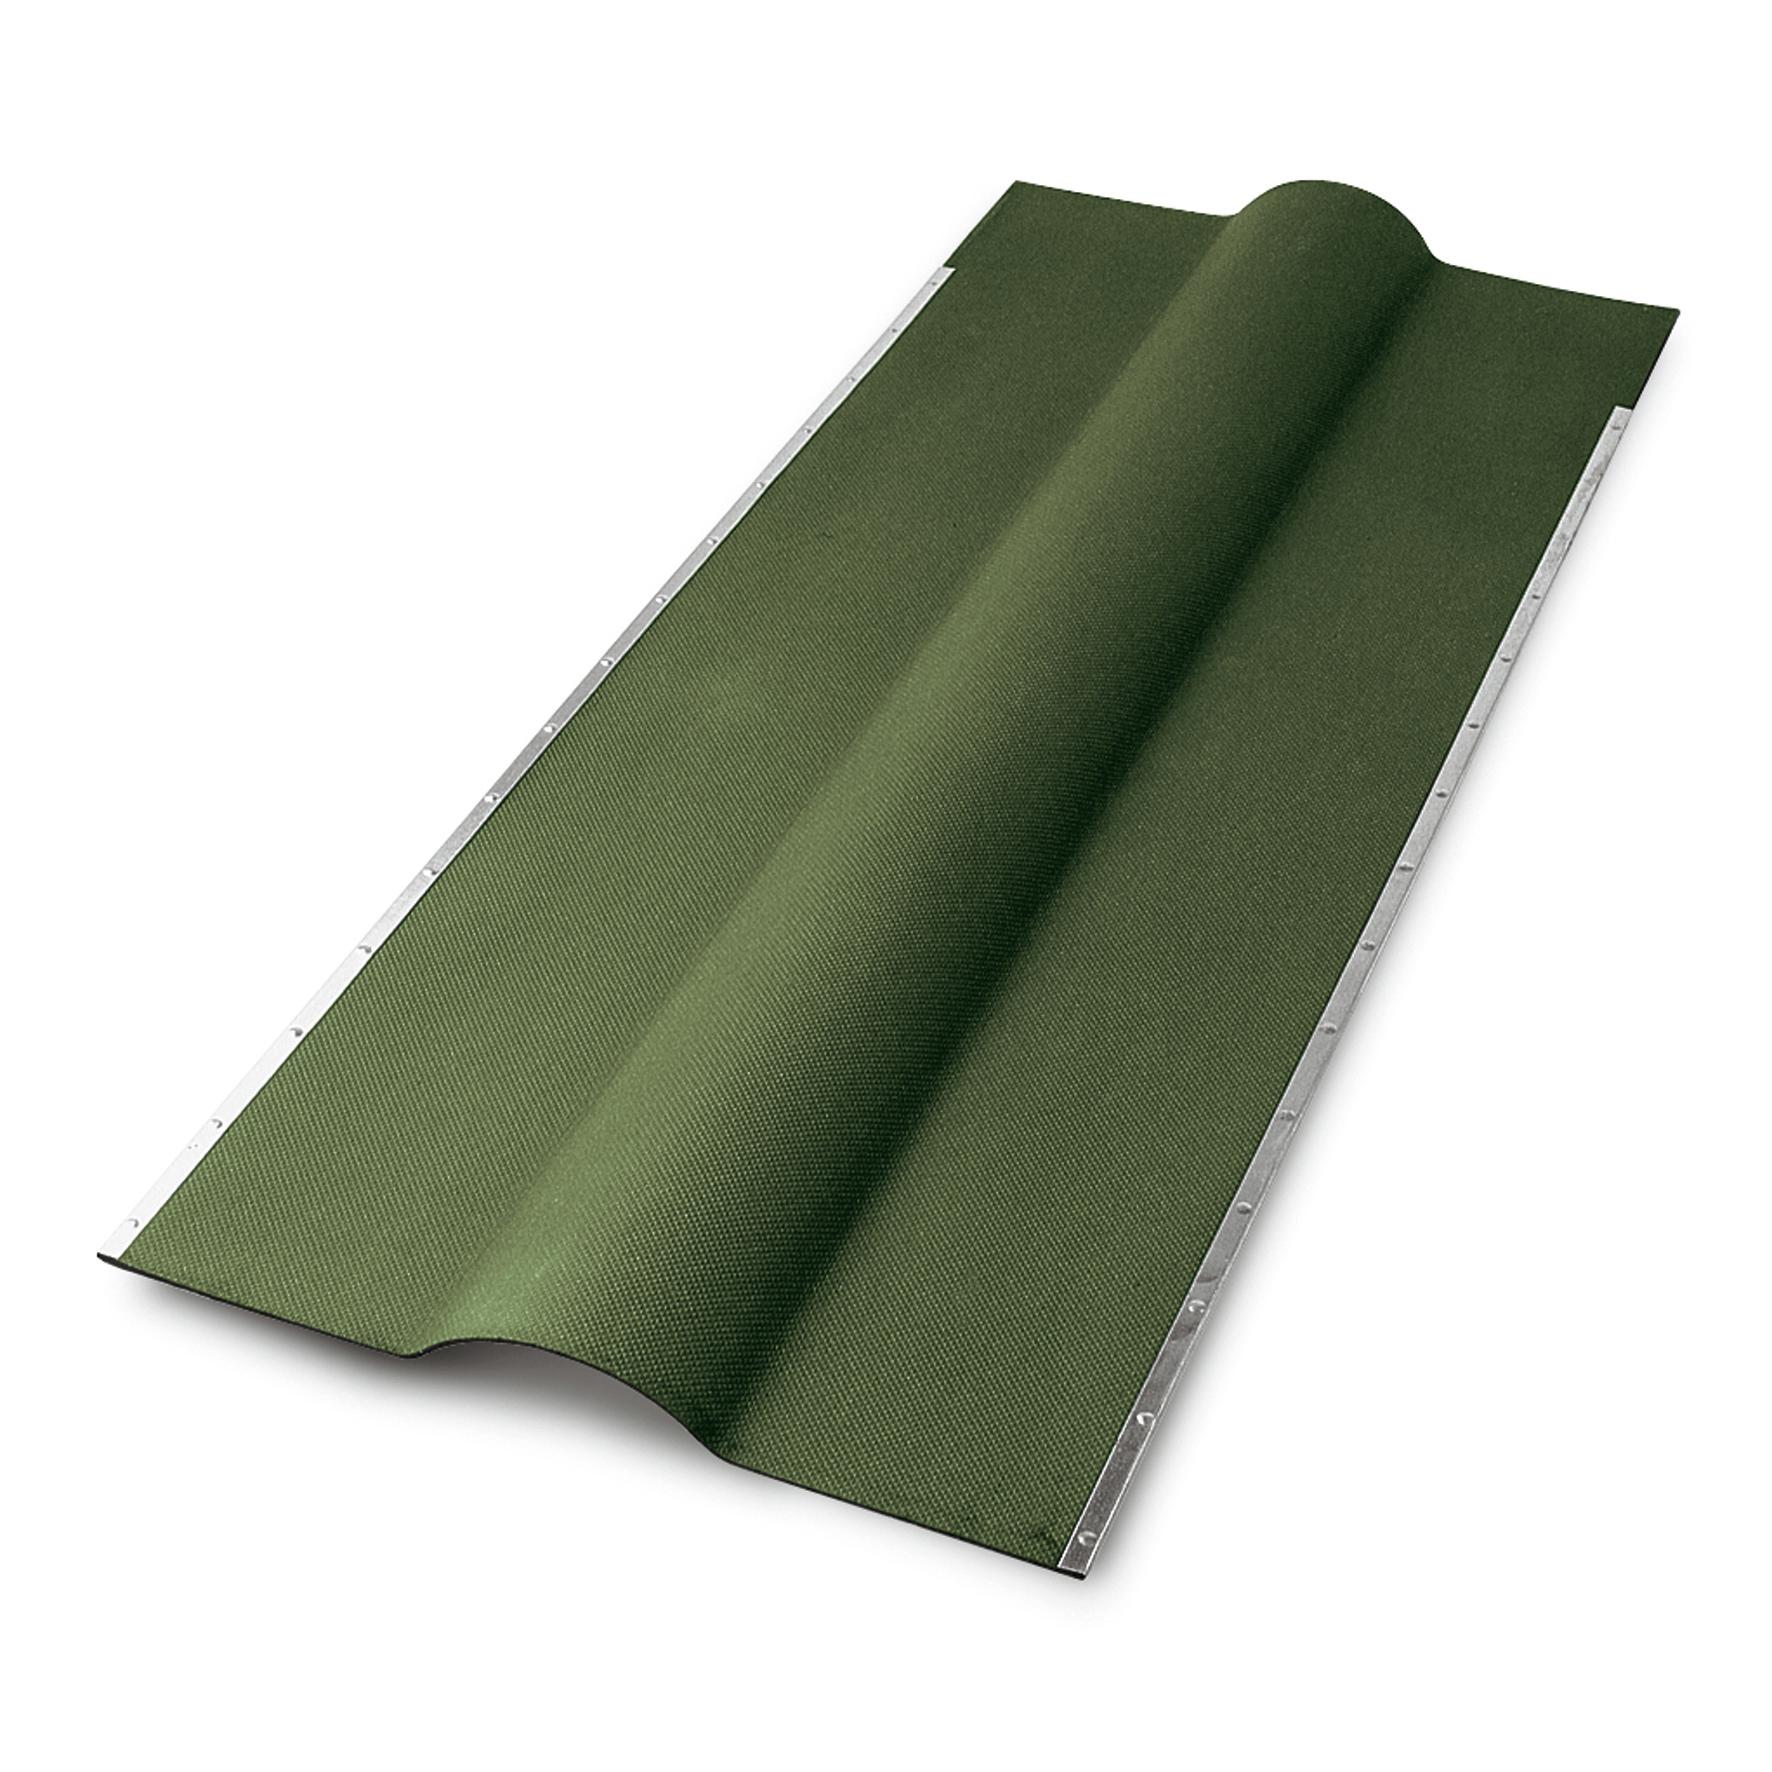 Baustoffe & Holz Giebelwinkel Für Bitumenwellplatten Grün Online Shop